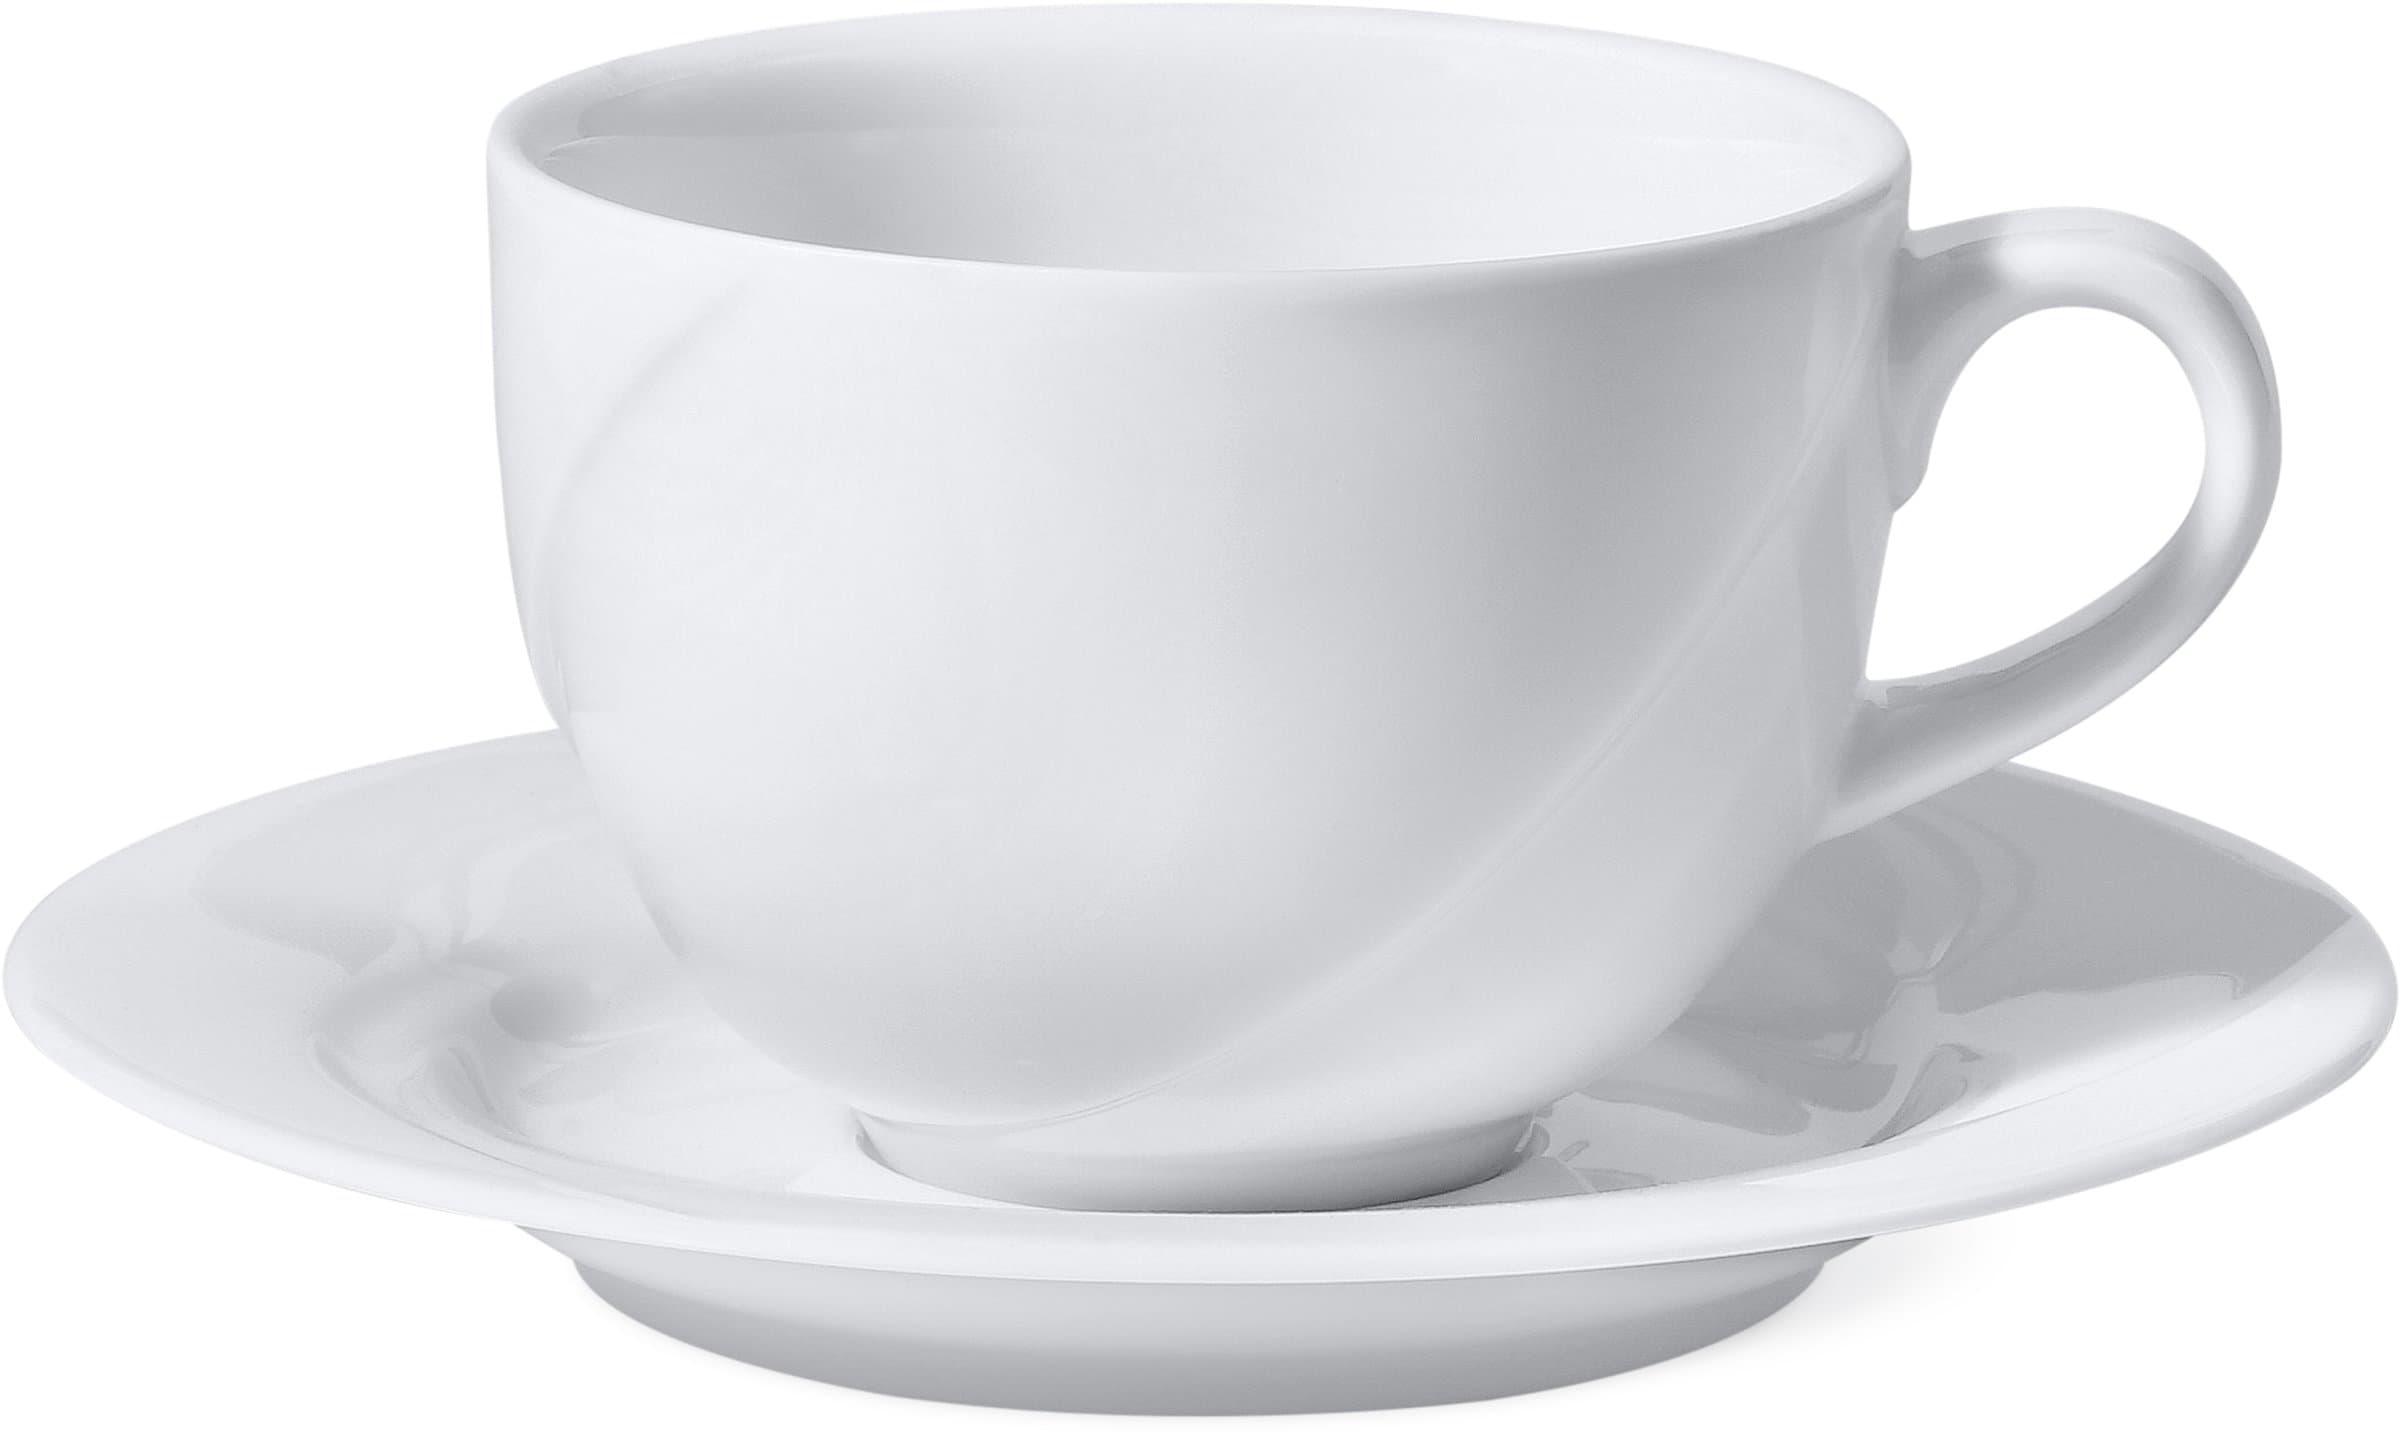 Cucina & Tavola NIKITA Tazza da caffè con piattino